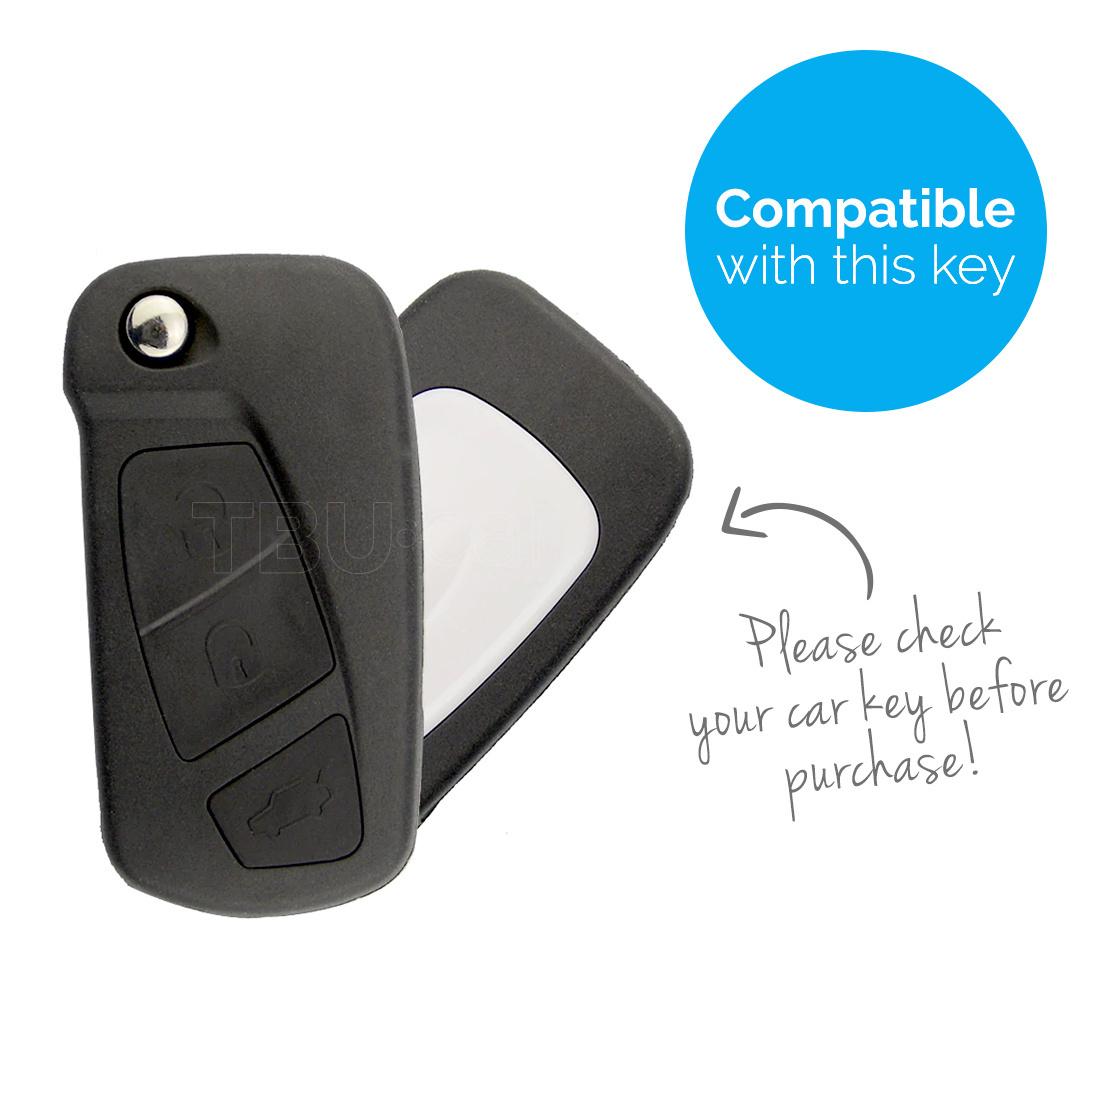 TBU car TBU car Autoschlüssel Hülle kompatibel mit Ford 3 Tasten (KA) - Schutzhülle aus Silikon - Auto Schlüsselhülle Cover in Rosa